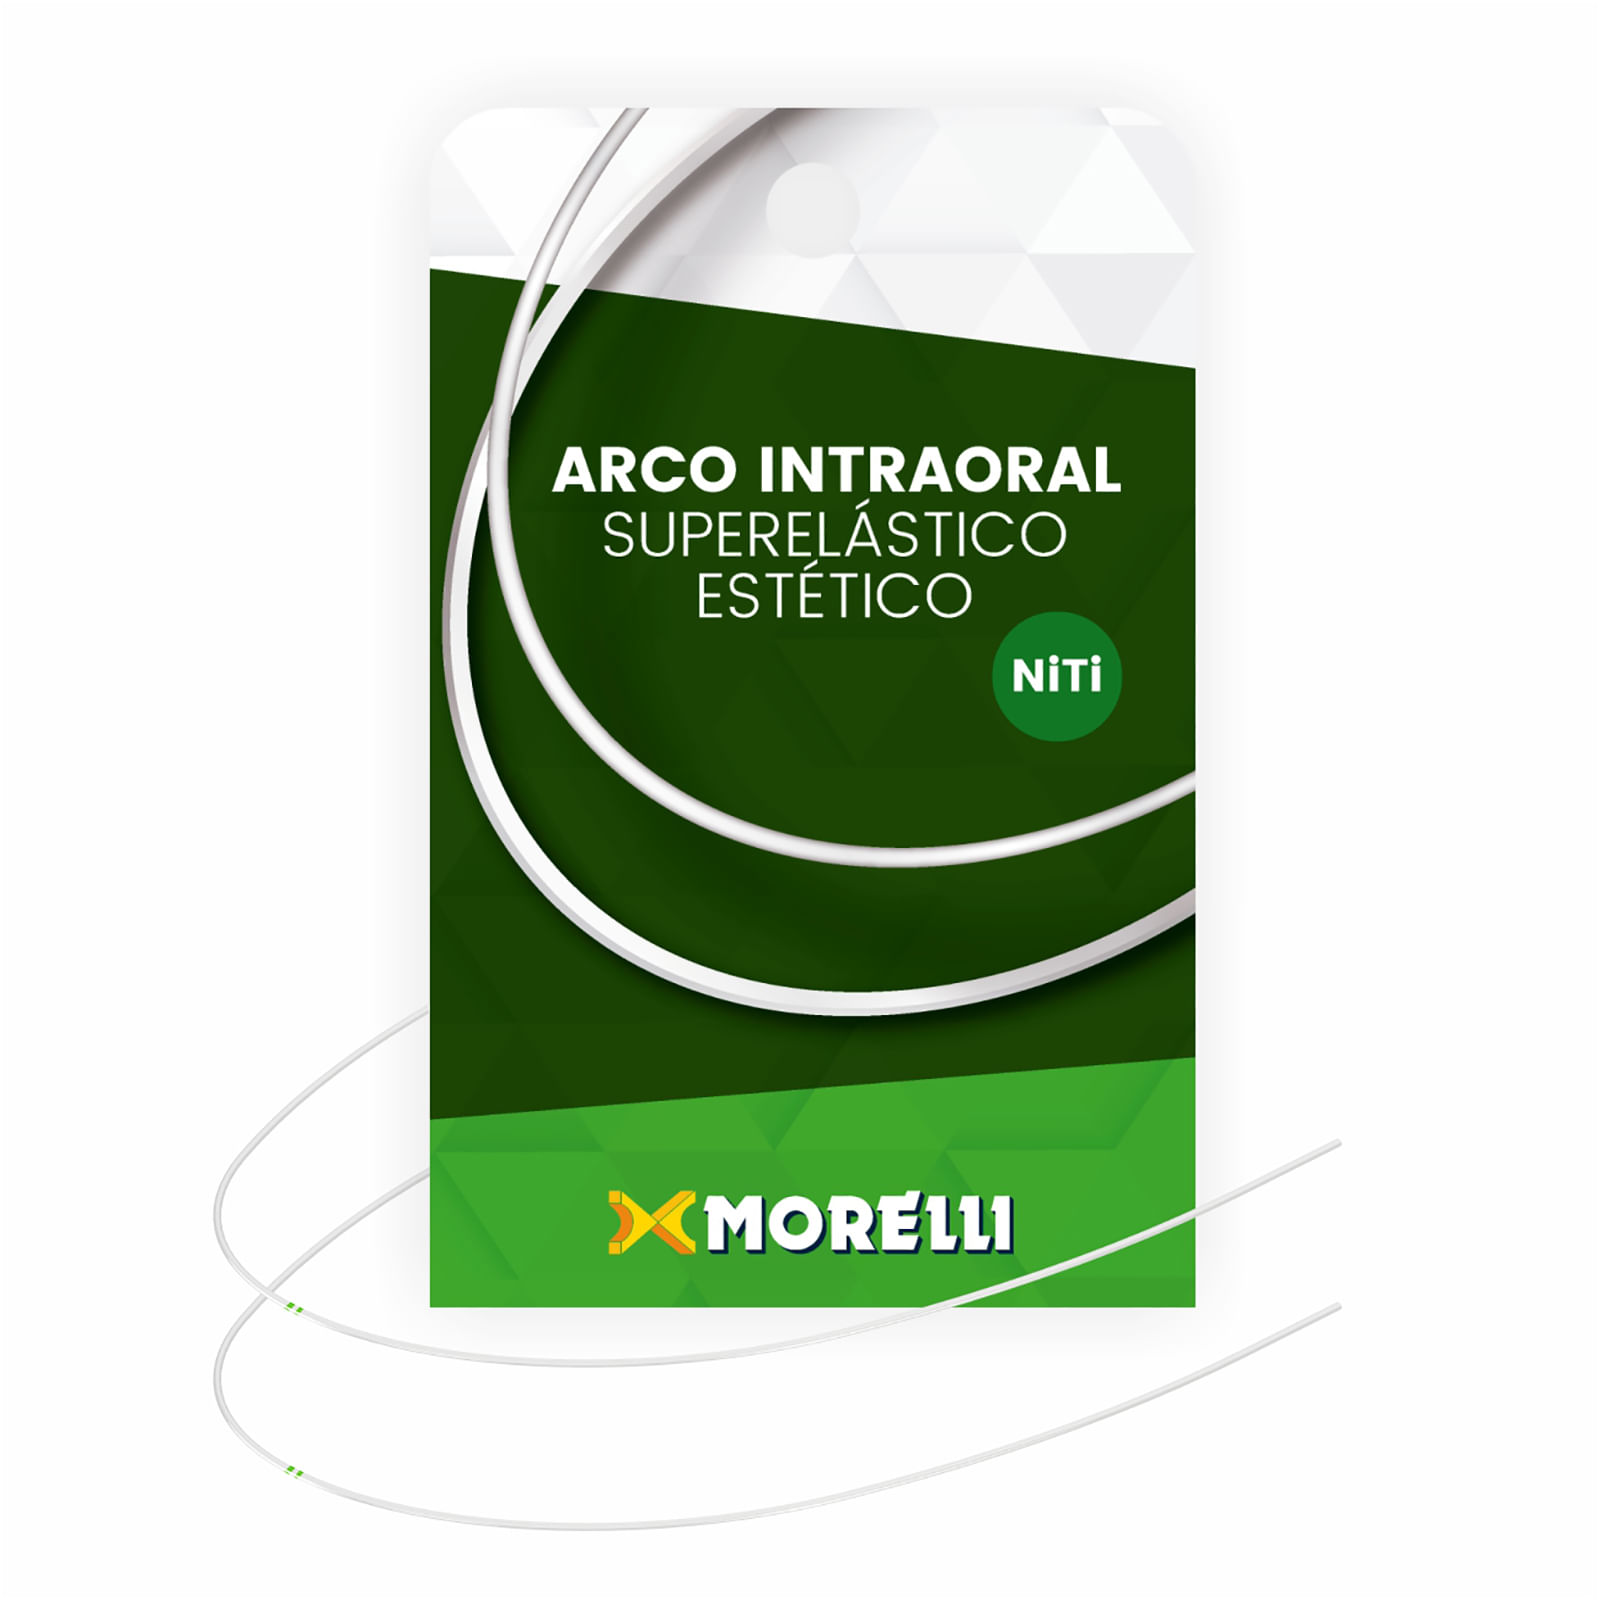 ARCO-ESTETICO-INTRAORAL-SUPERELASTICO-NITI---COLORIDO-BEGE---REDONDO-.018---MEDIO---MORELLI